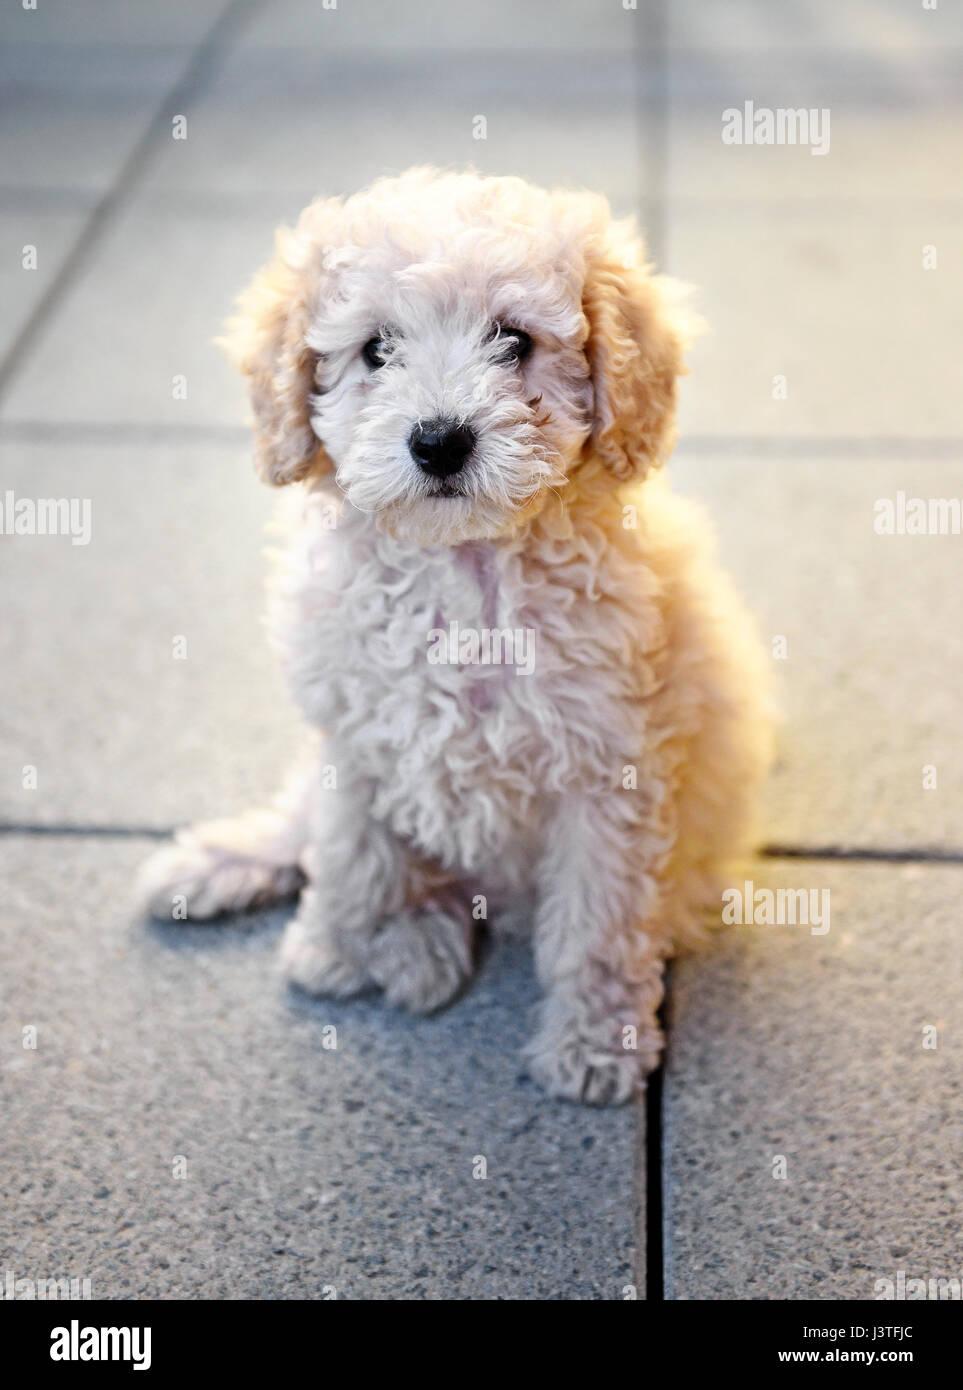 Piccolo fluffy golden barboncino Toy cucciolo seduto su piastrelle grigie cercando con calma a la fotocamera in Immagini Stock